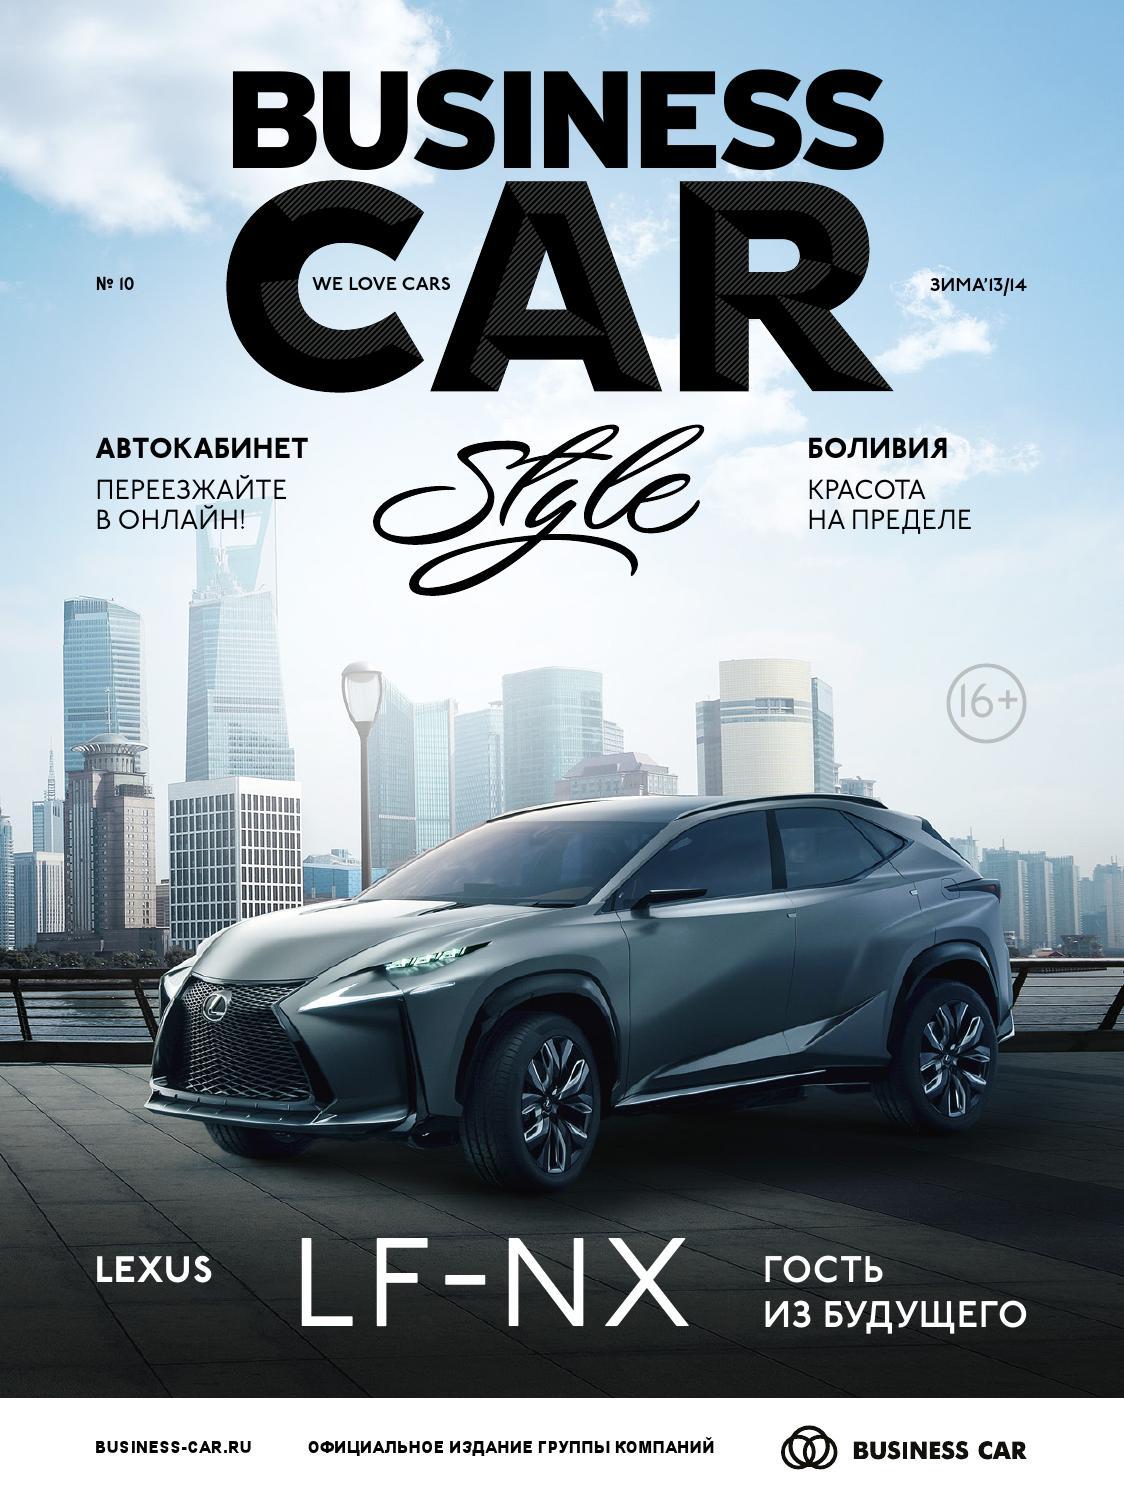 Уникальный Lexus LX 570: это золото и оно блестит